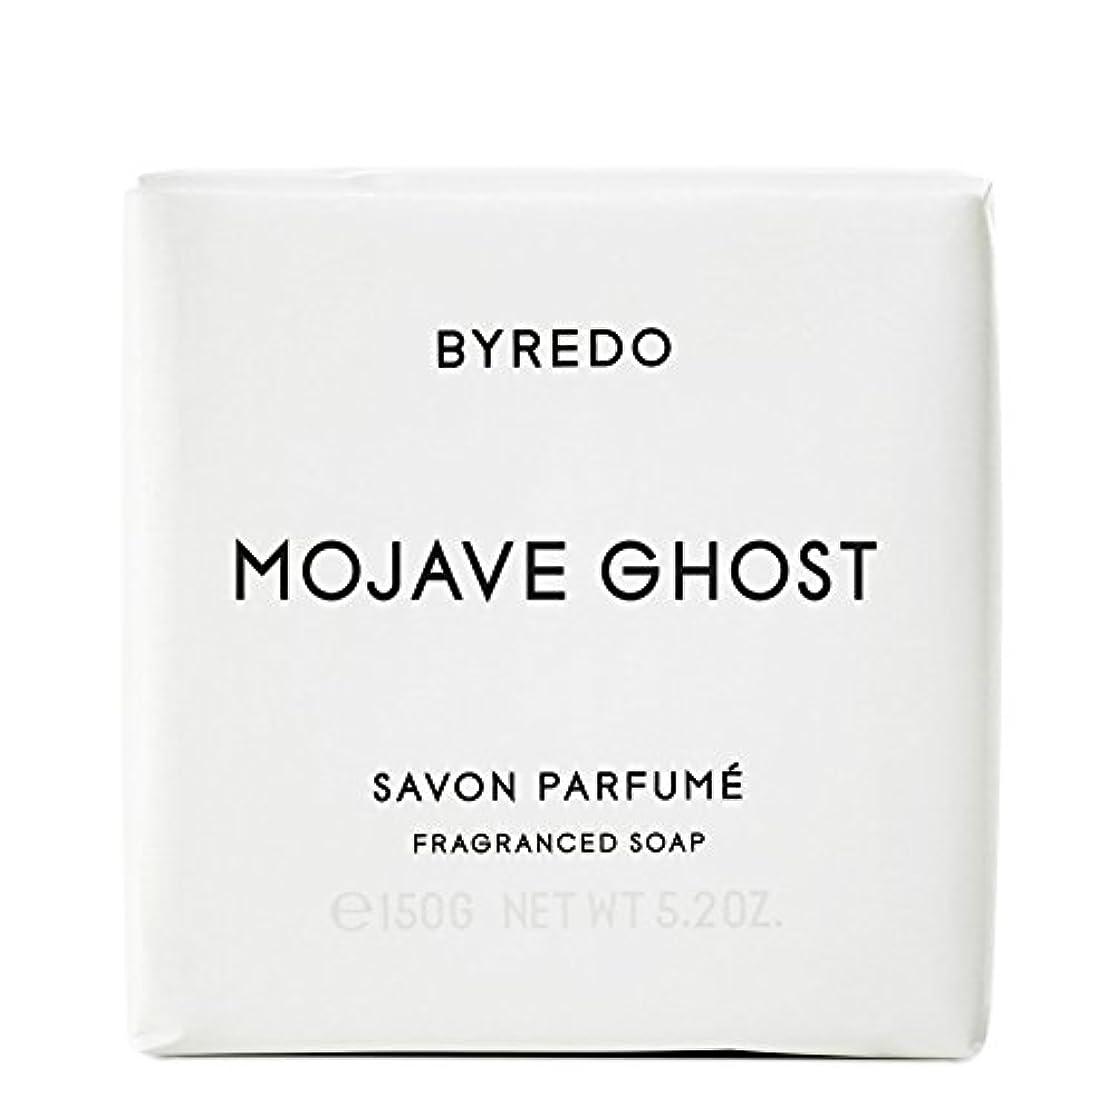 コックきらめき入学するモハーベゴースト石鹸150グラム x2 - Byredo Mojave Ghost Soap 150g (Pack of 2) [並行輸入品]